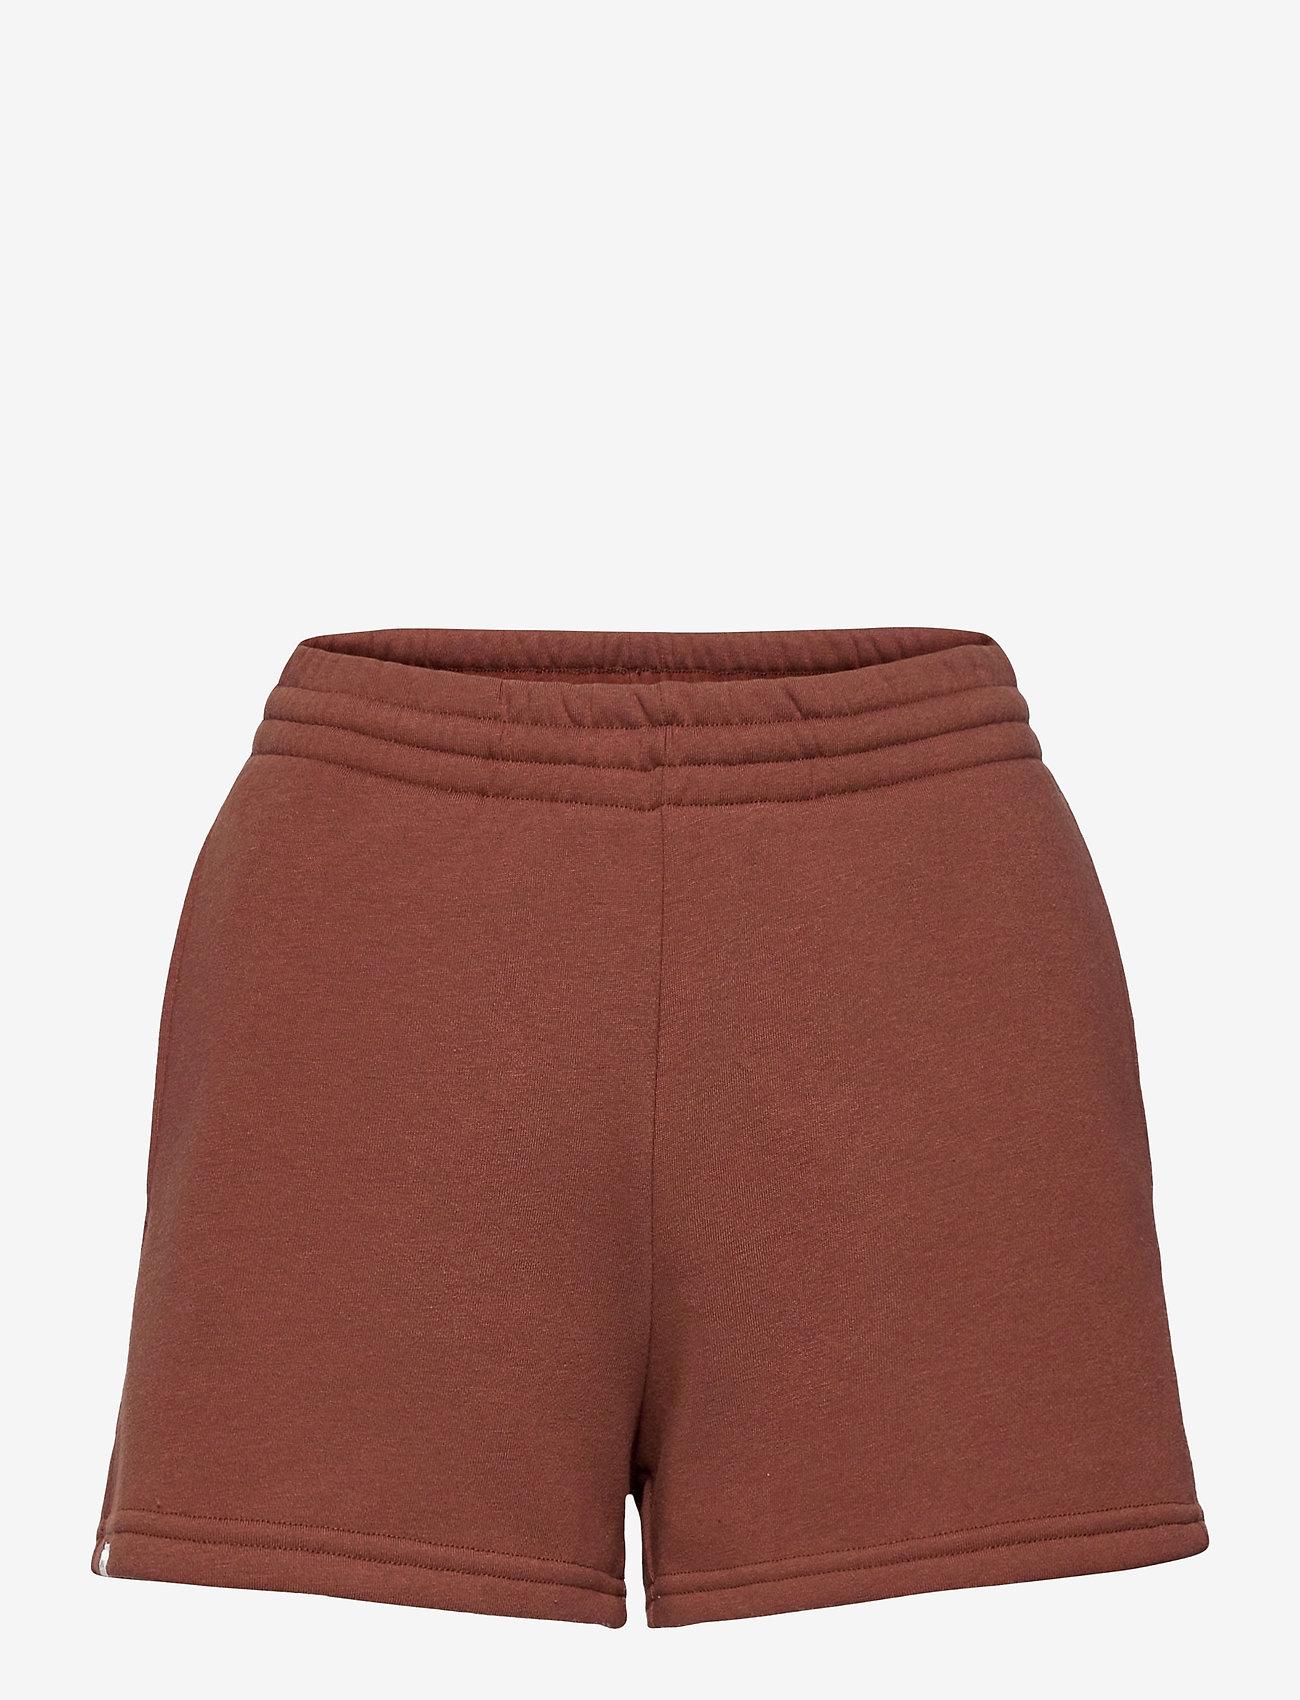 Barbara Kristoffersen by Rosemunde - Shorts - shorts casual - chocolate brown - 0